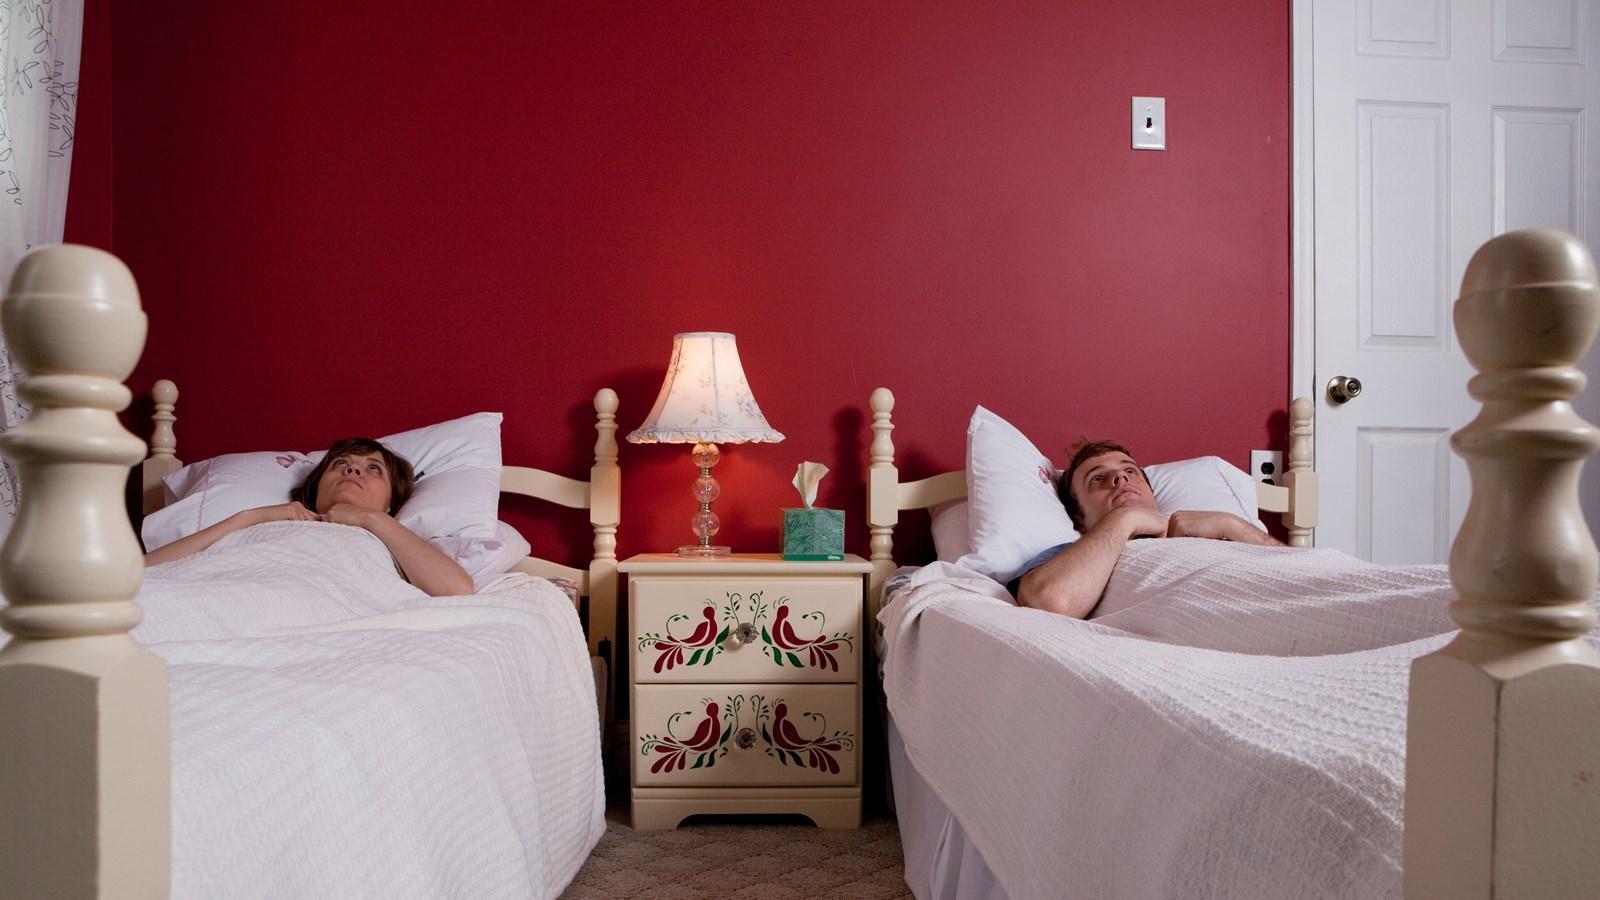 Ayrı uyumak ilişkiye zarar verir mi